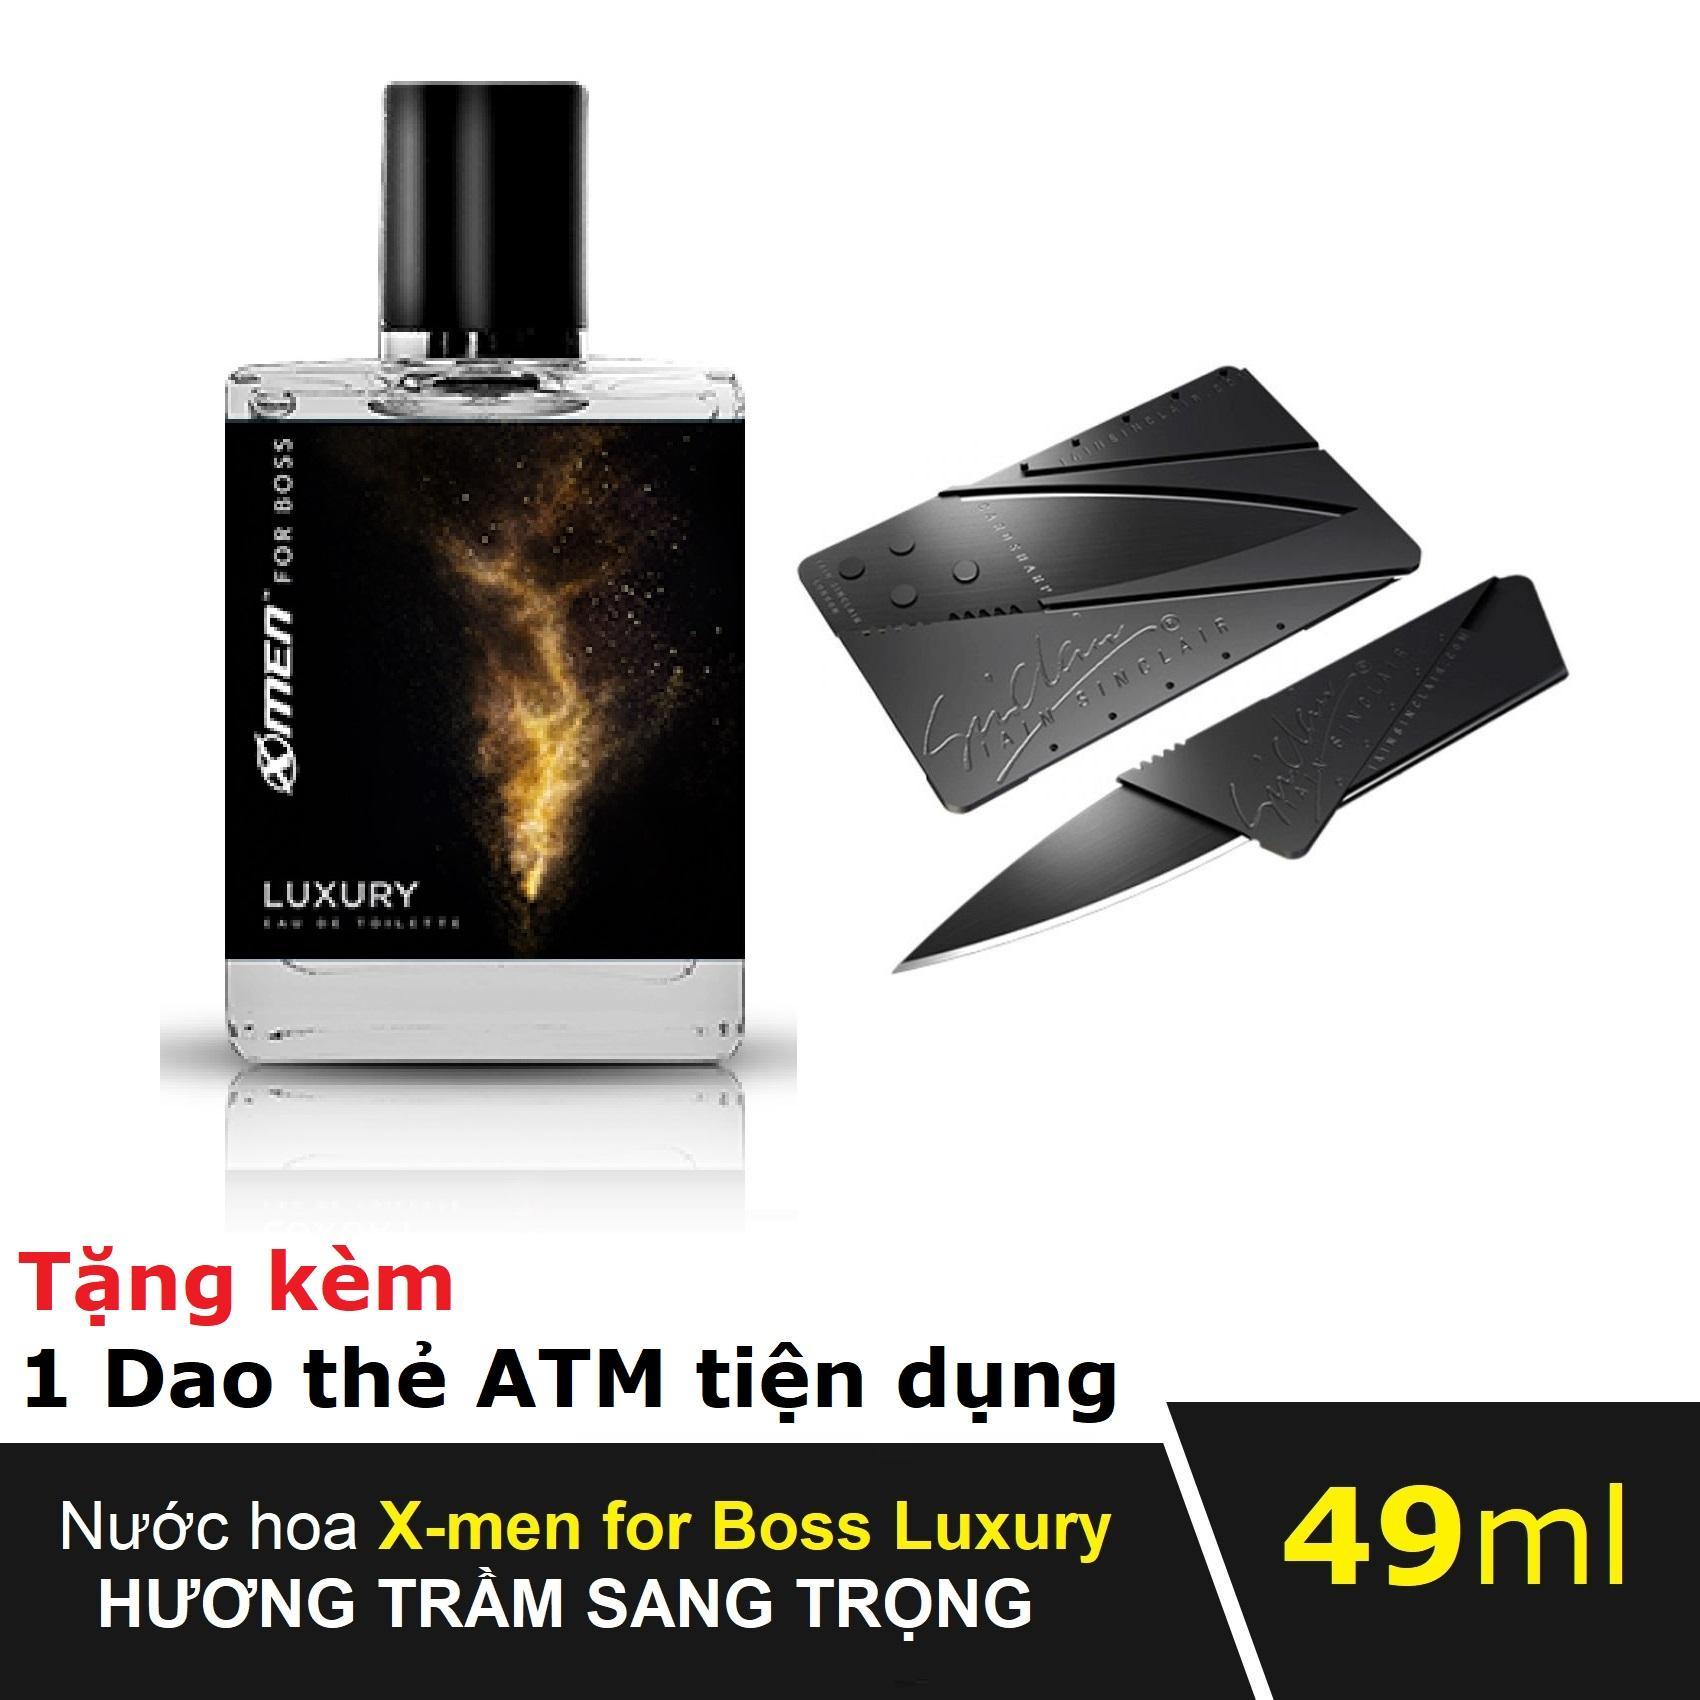 Nước hoa Xmen for Boss Luxury 49ml MẪU MỚI 2019 hộp đẹp sang trọng